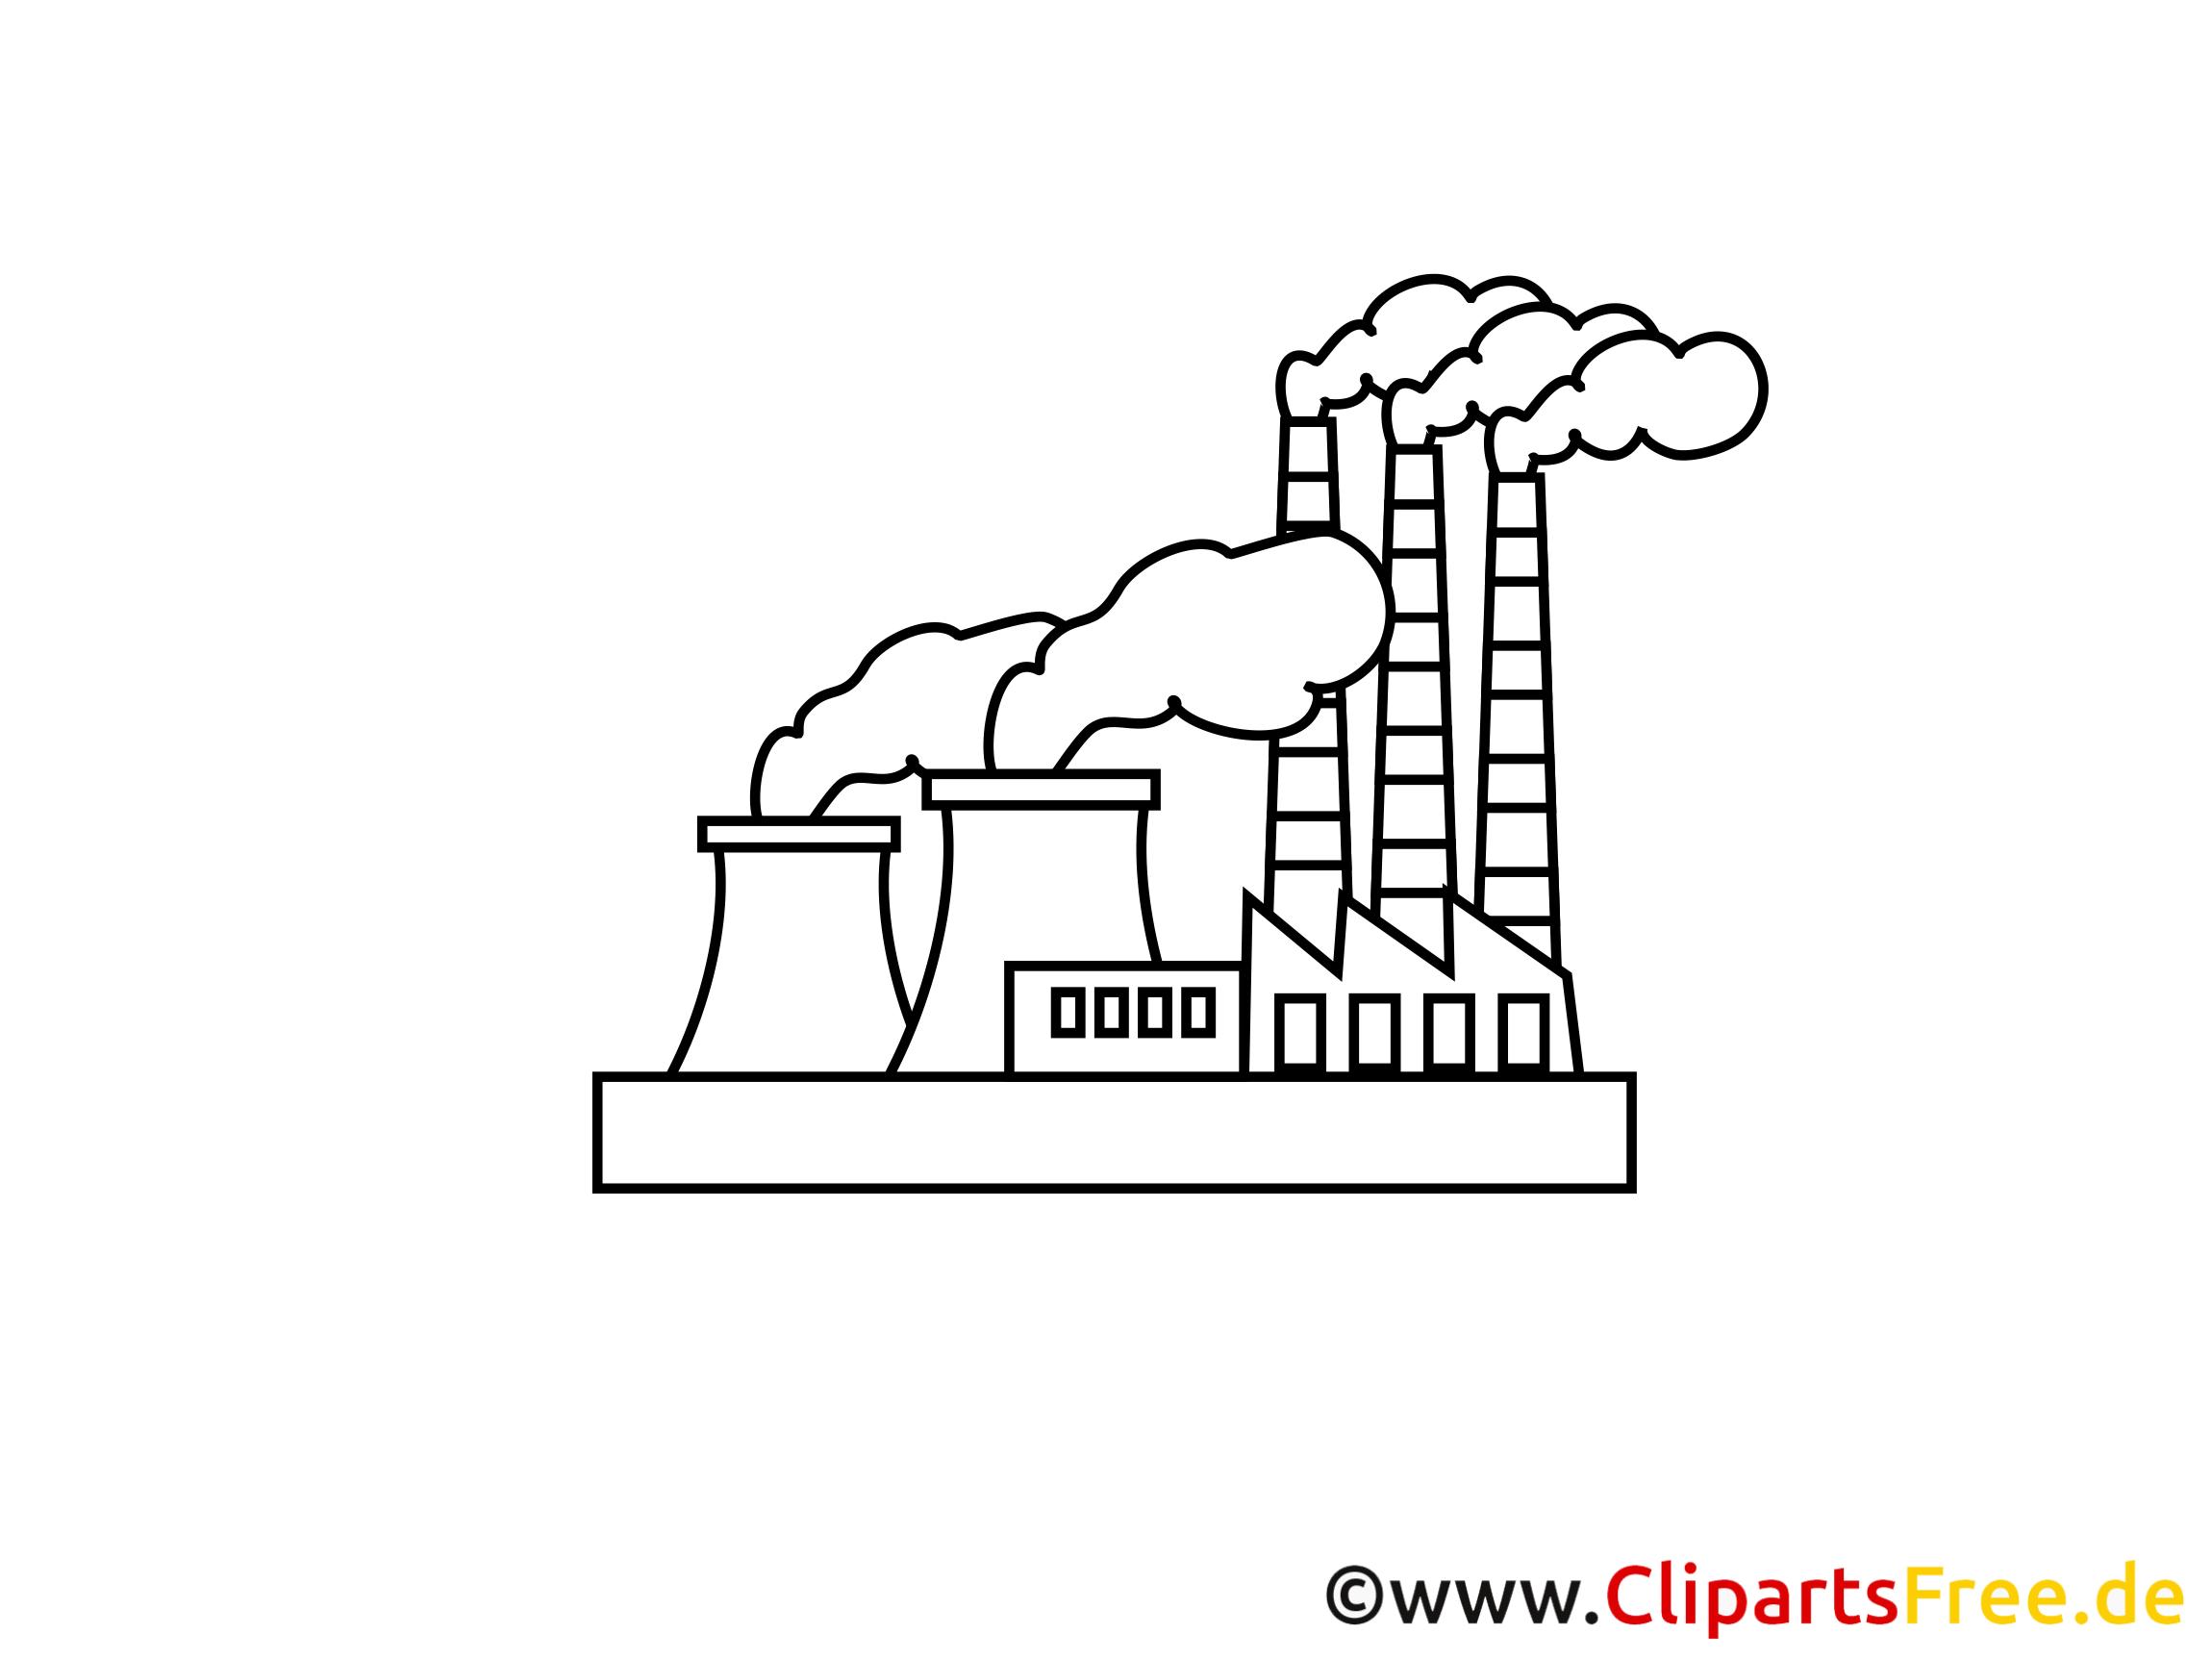 Industrie illustration à colorier gratuite